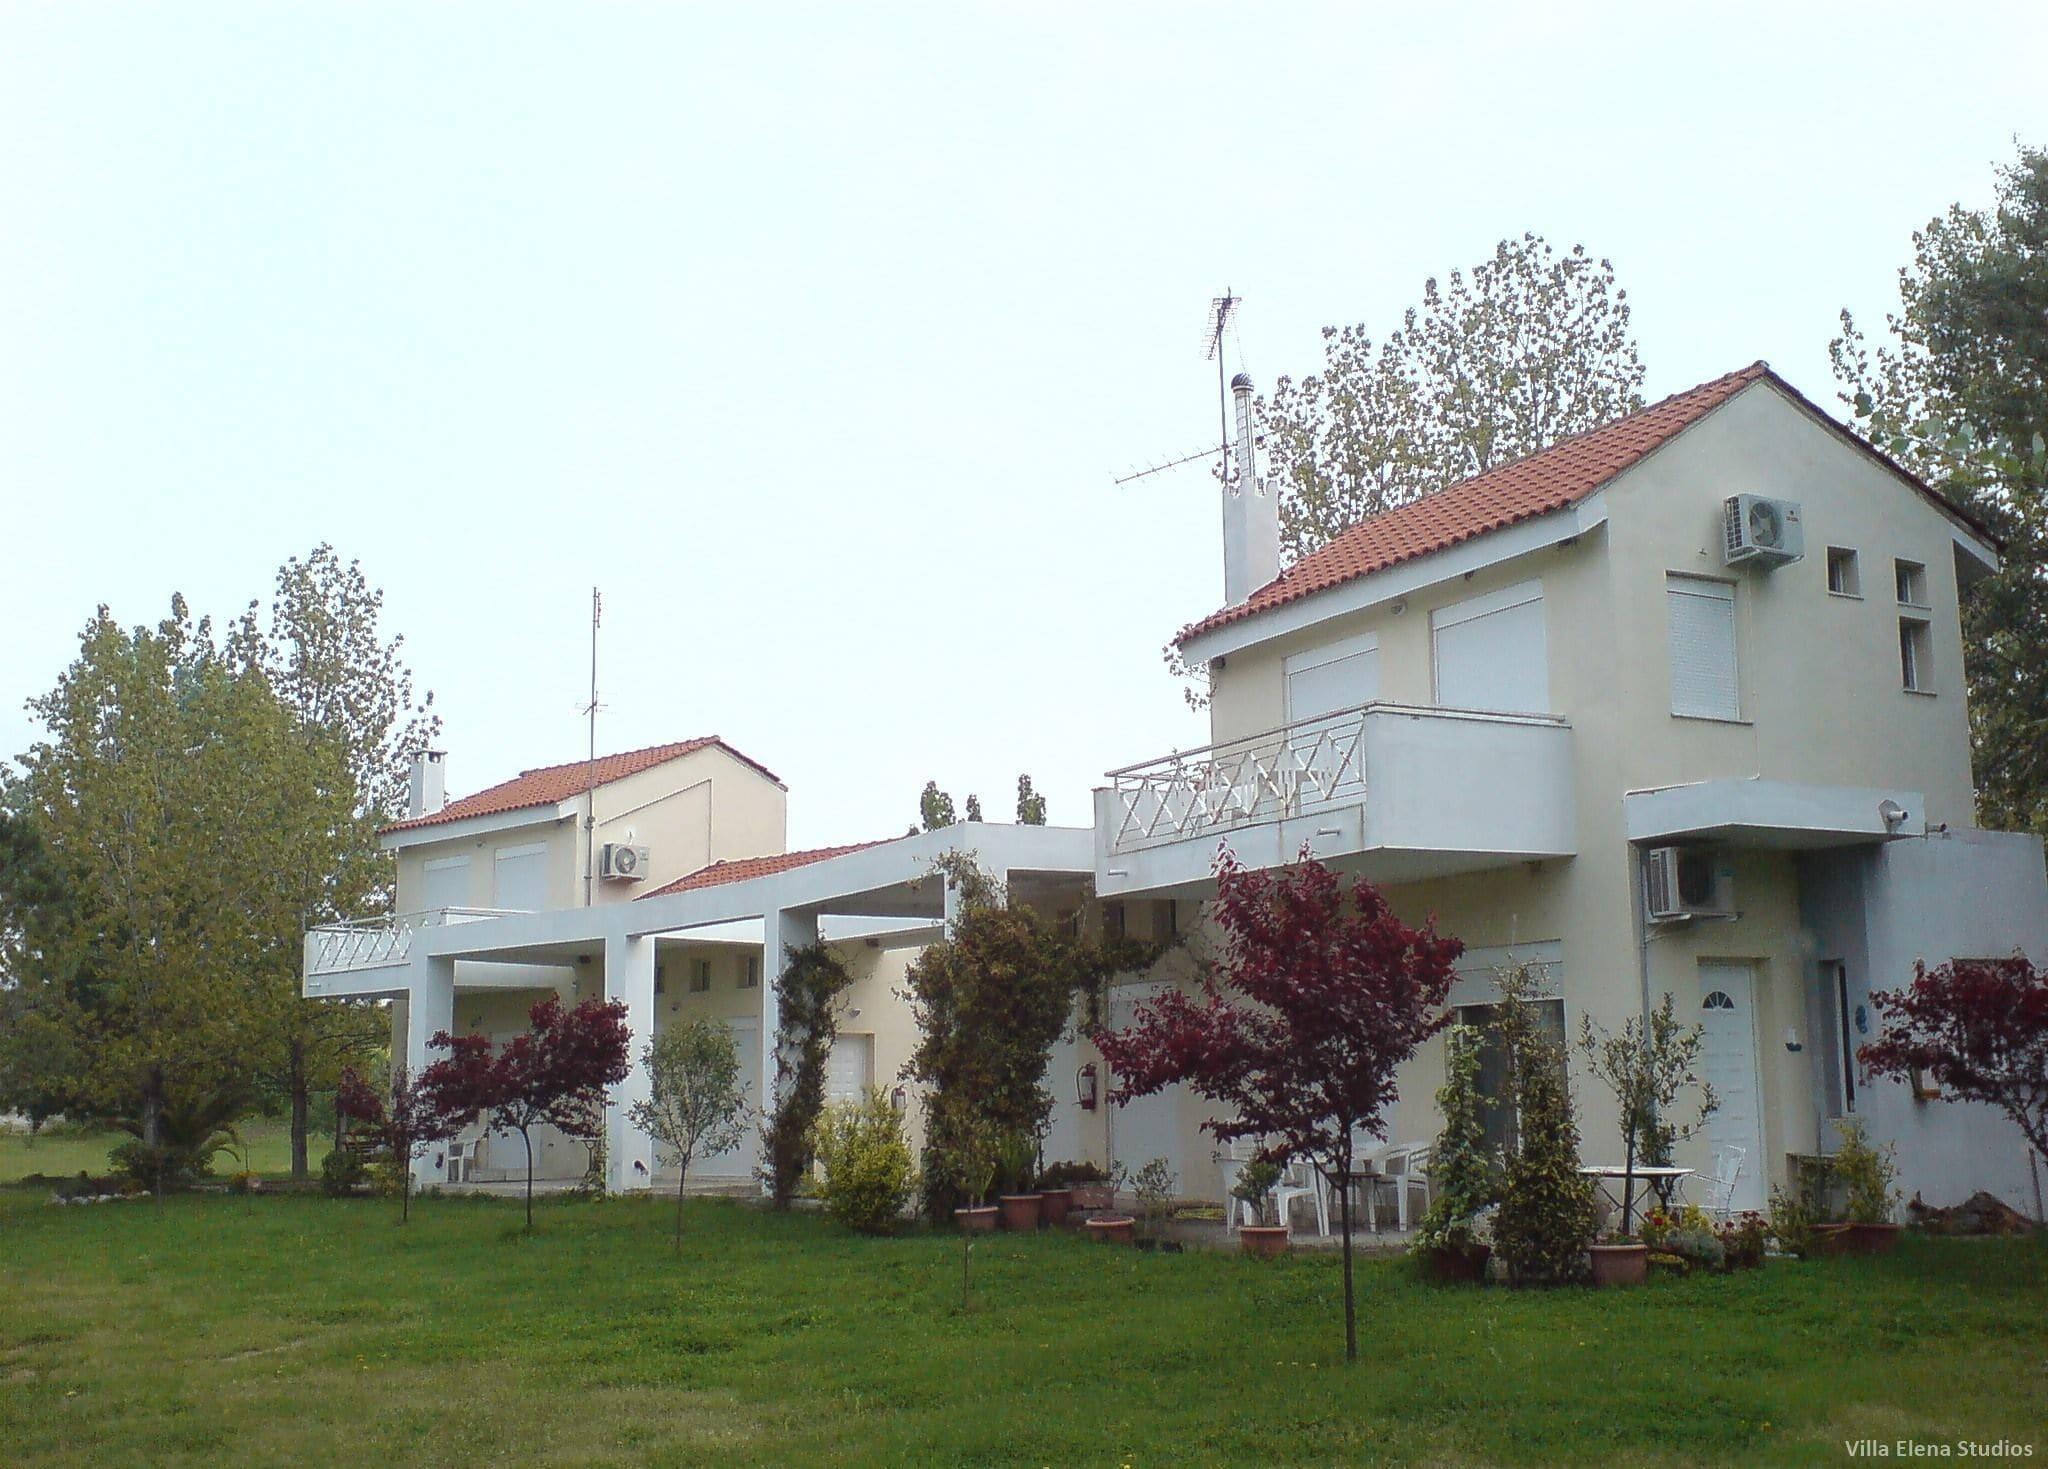 Villa Elena Studios